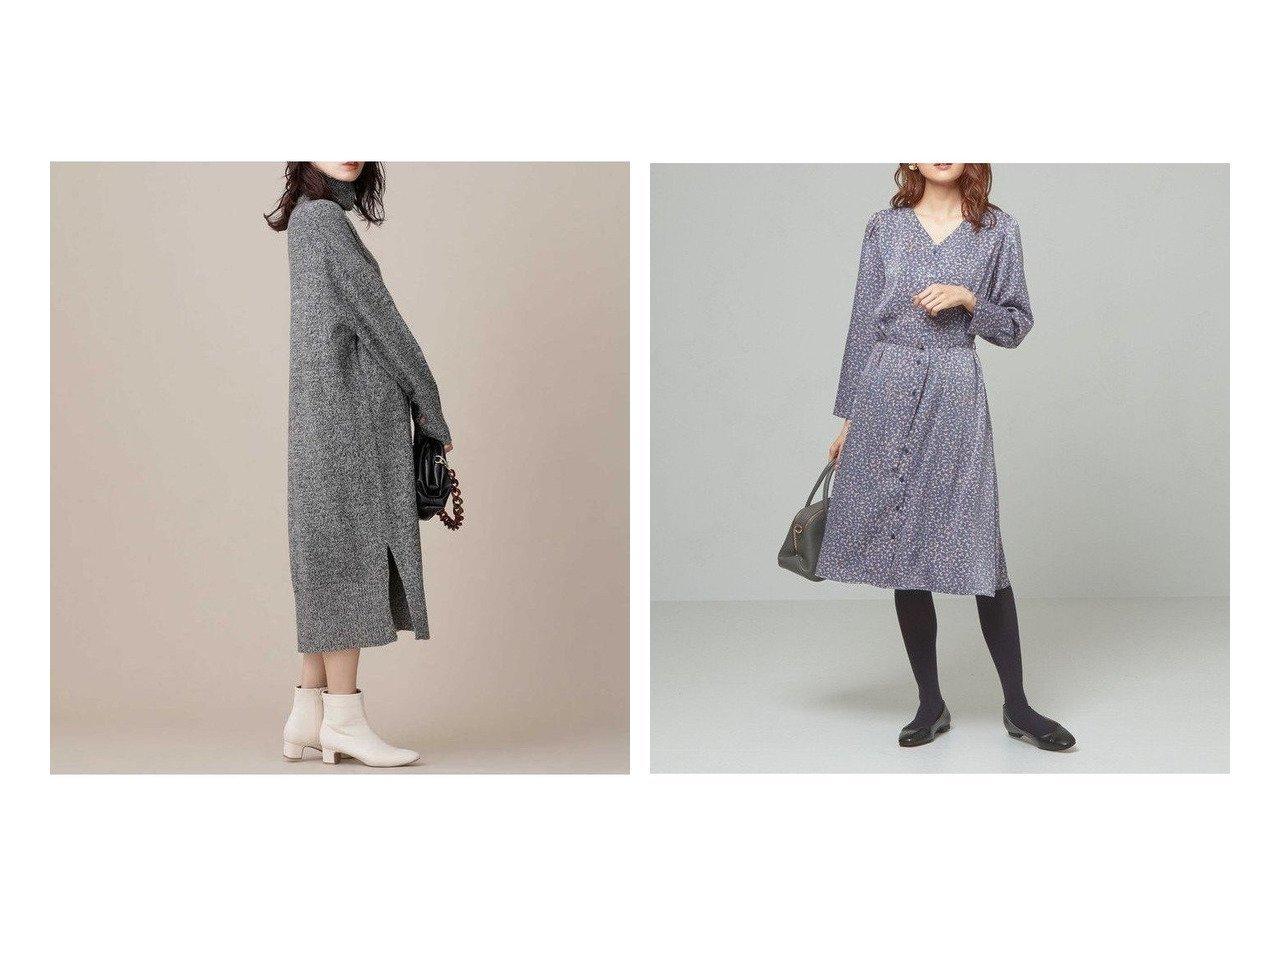 【THE STATION STORE/ザ ステーション ストア ユナイテッドアローズ】のブラッシュプリント フロントボタンワンピース -手洗い可能-&【nano universe/ナノ ユニバース】の撚り杢ニットワンピース ワンピース・ドレスのおすすめ!人気、レディースファッションの通販 おすすめで人気のファッション通販商品 インテリア・家具・キッズファッション・メンズファッション・レディースファッション・服の通販 founy(ファニー) https://founy.com/ ファッション Fashion レディース WOMEN ワンピース Dress ニットワンピース Knit Dresses ショルダー スリット タートルネック ドロップ ミックス アンダー エレガント カフス サテン フロント プリント 人気 秋 |ID:crp329100000001832